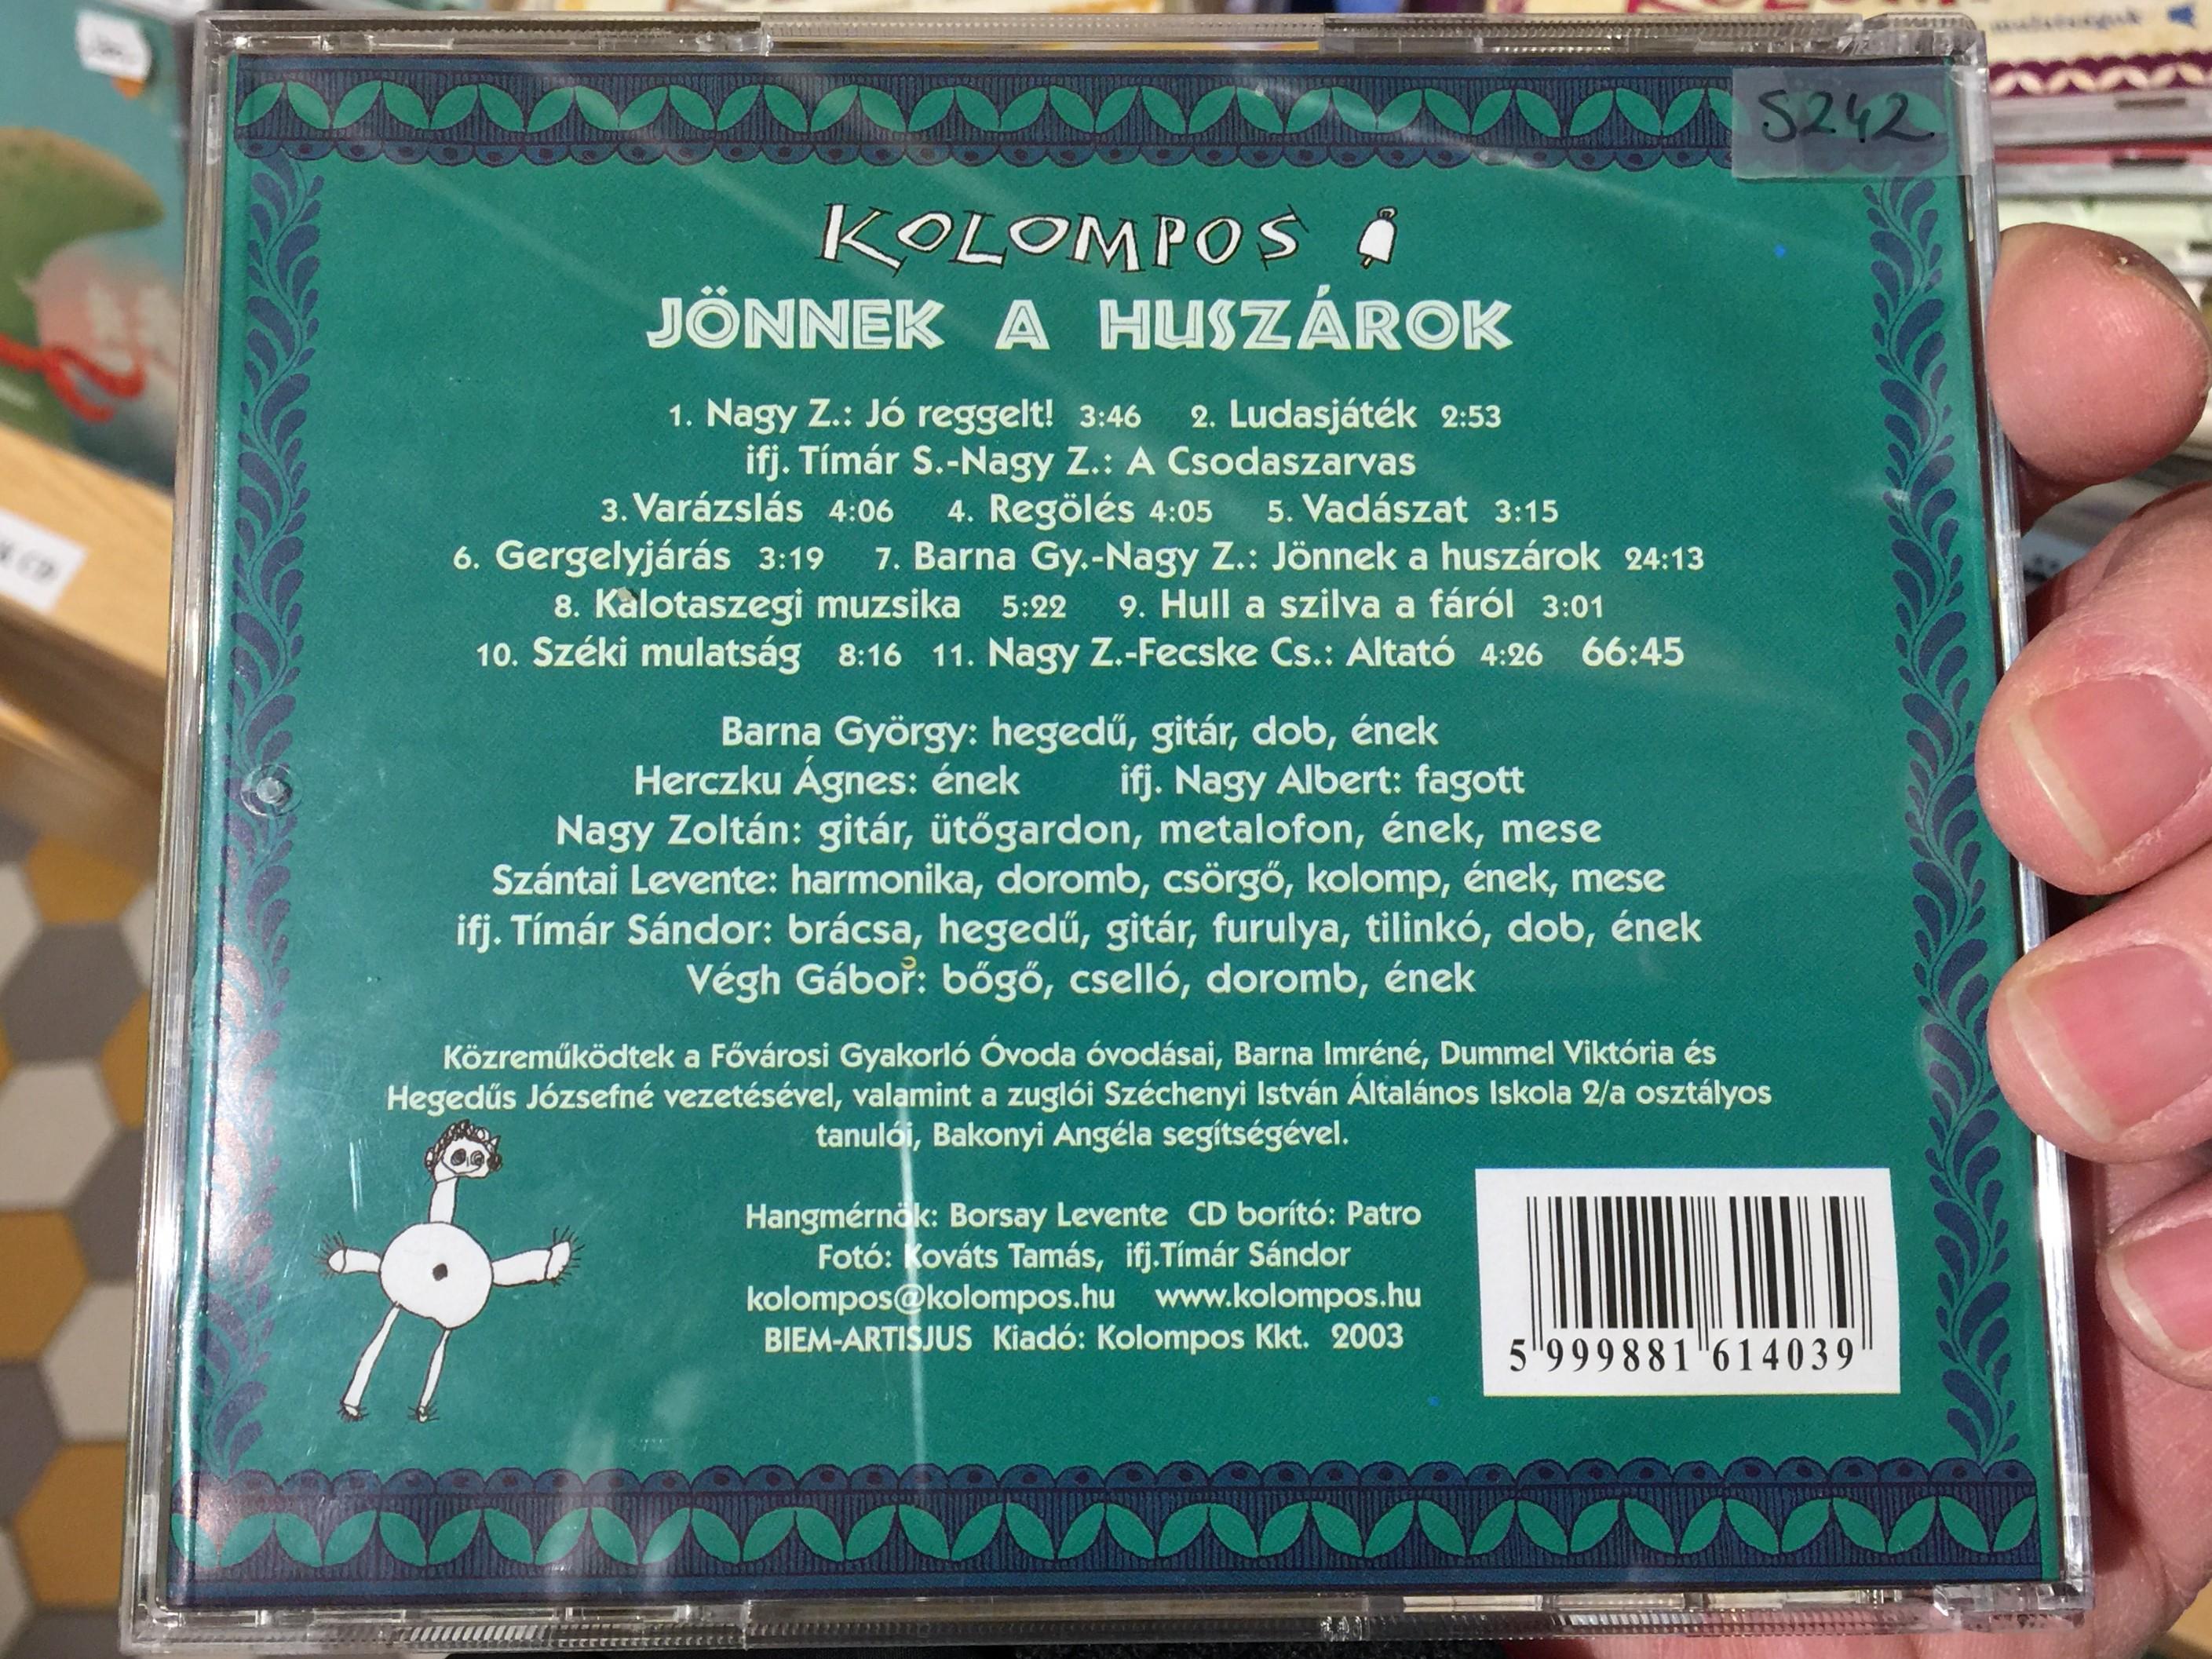 j-nnek-a-husz-rok-kolompos-mes-k-j-t-kok-nnepek-mulats-gok-kolompos-kkt.-audio-cd-2003-k-03-2-.jpg